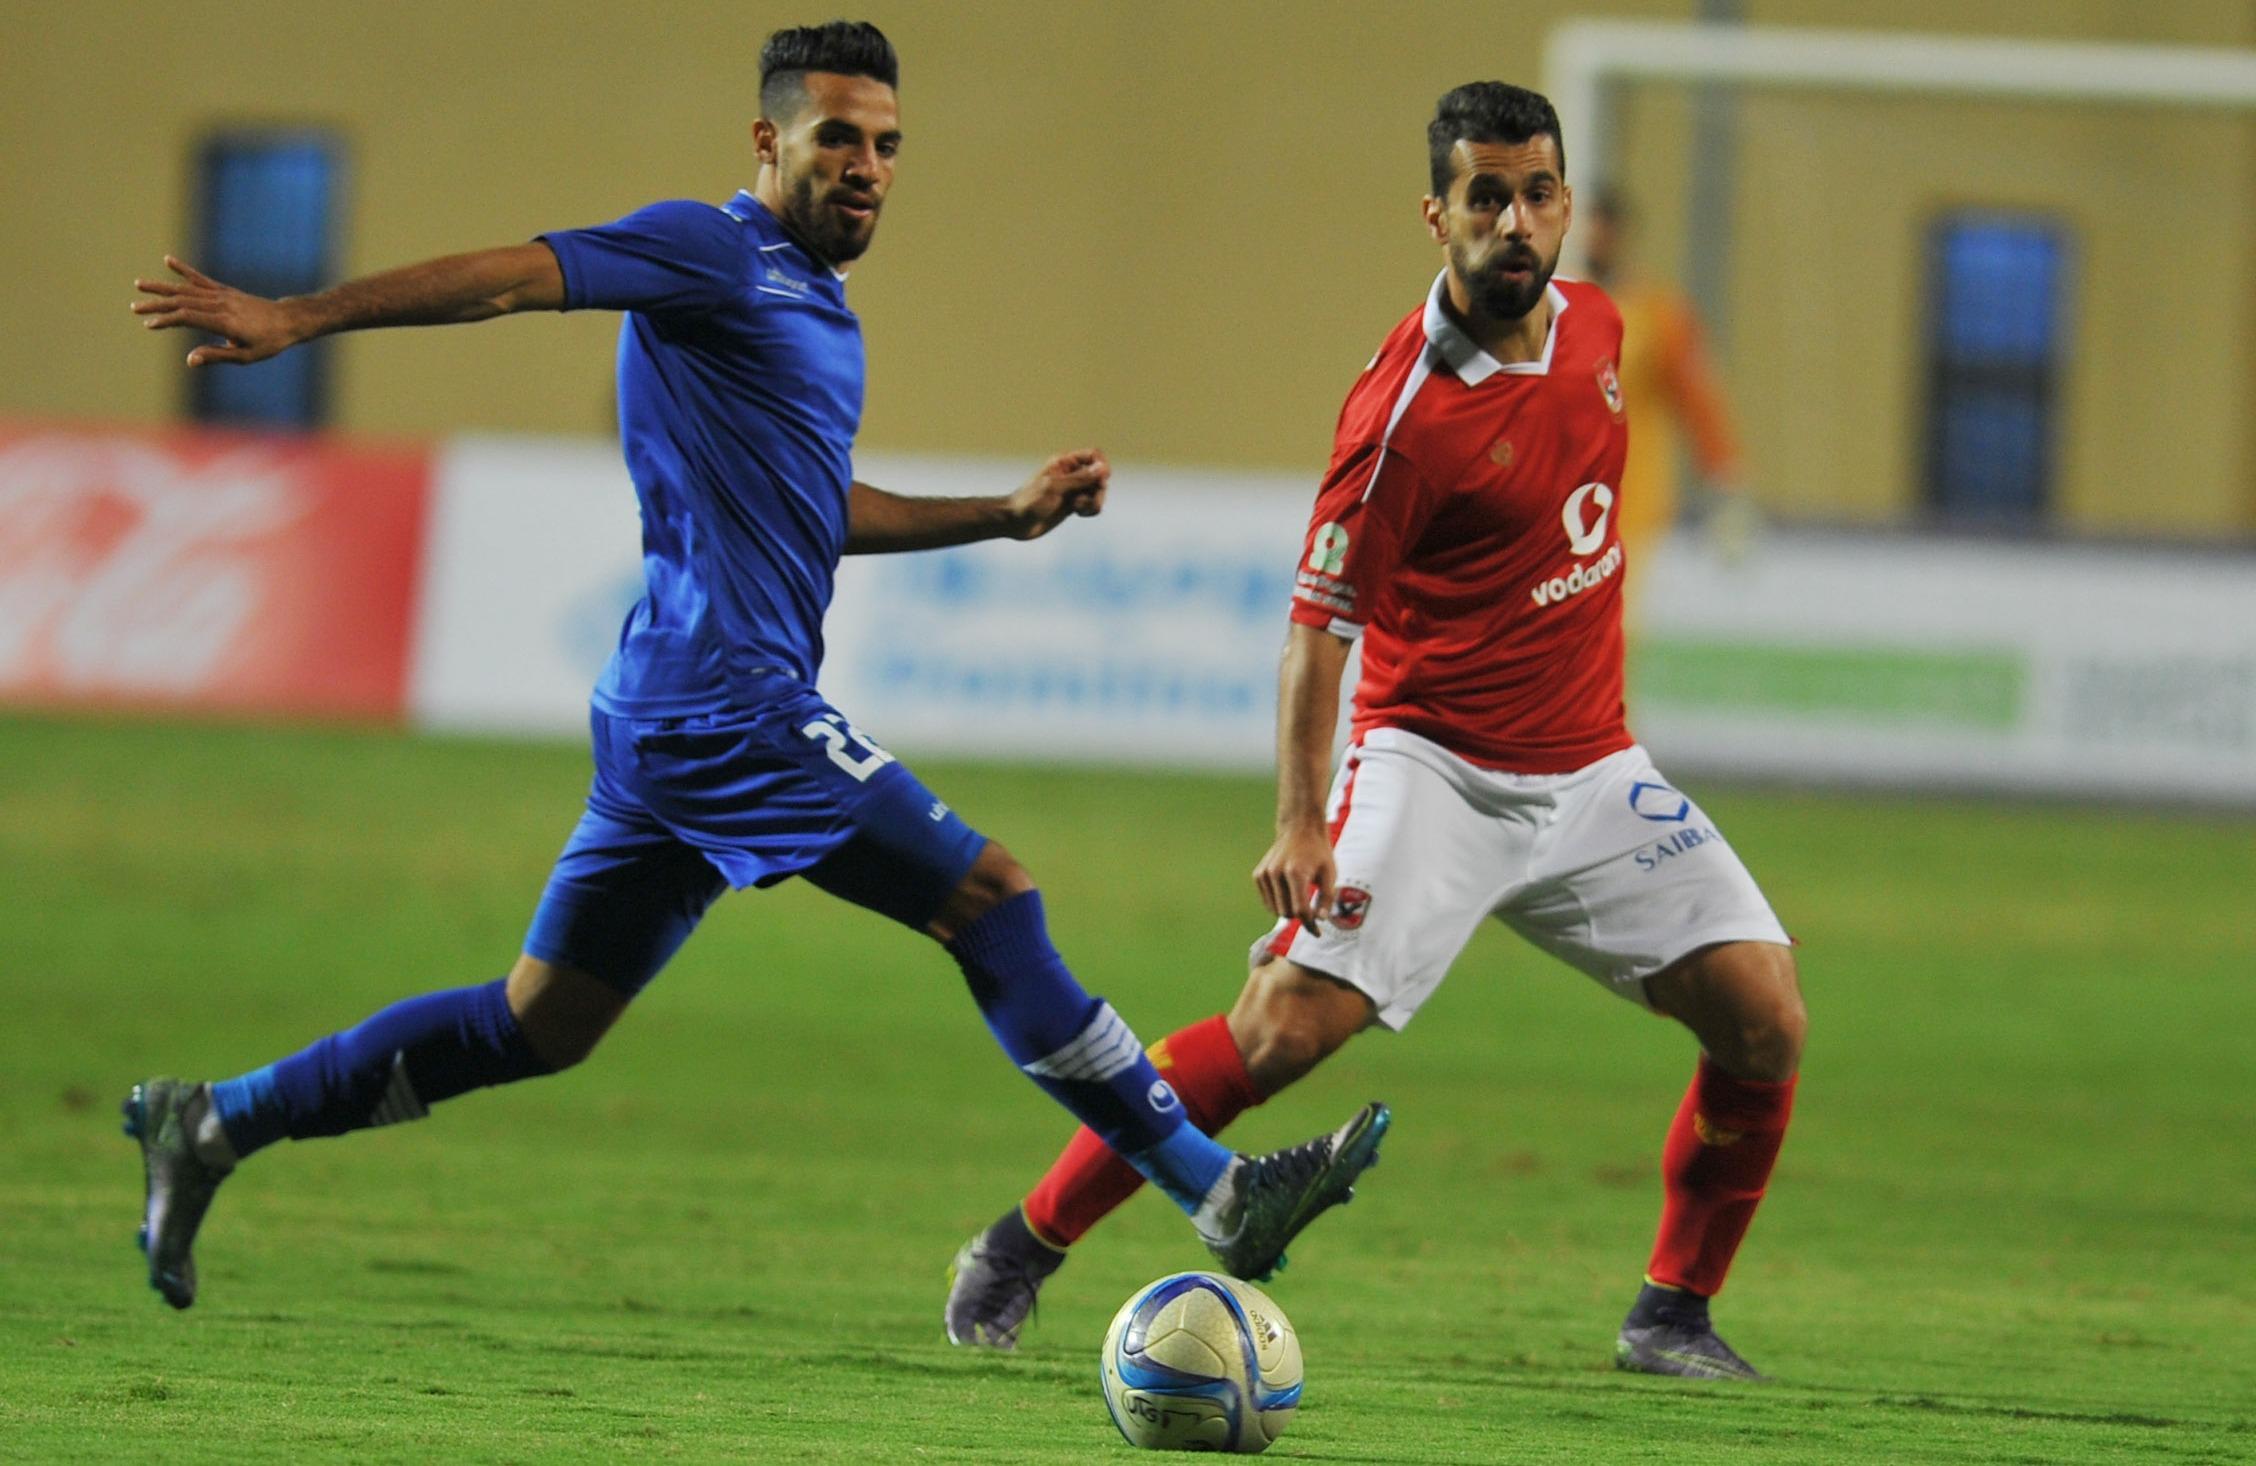 شاهد| برباعية في سموحة.. الأهلي يواجه المصري بنهائي كأس مصر